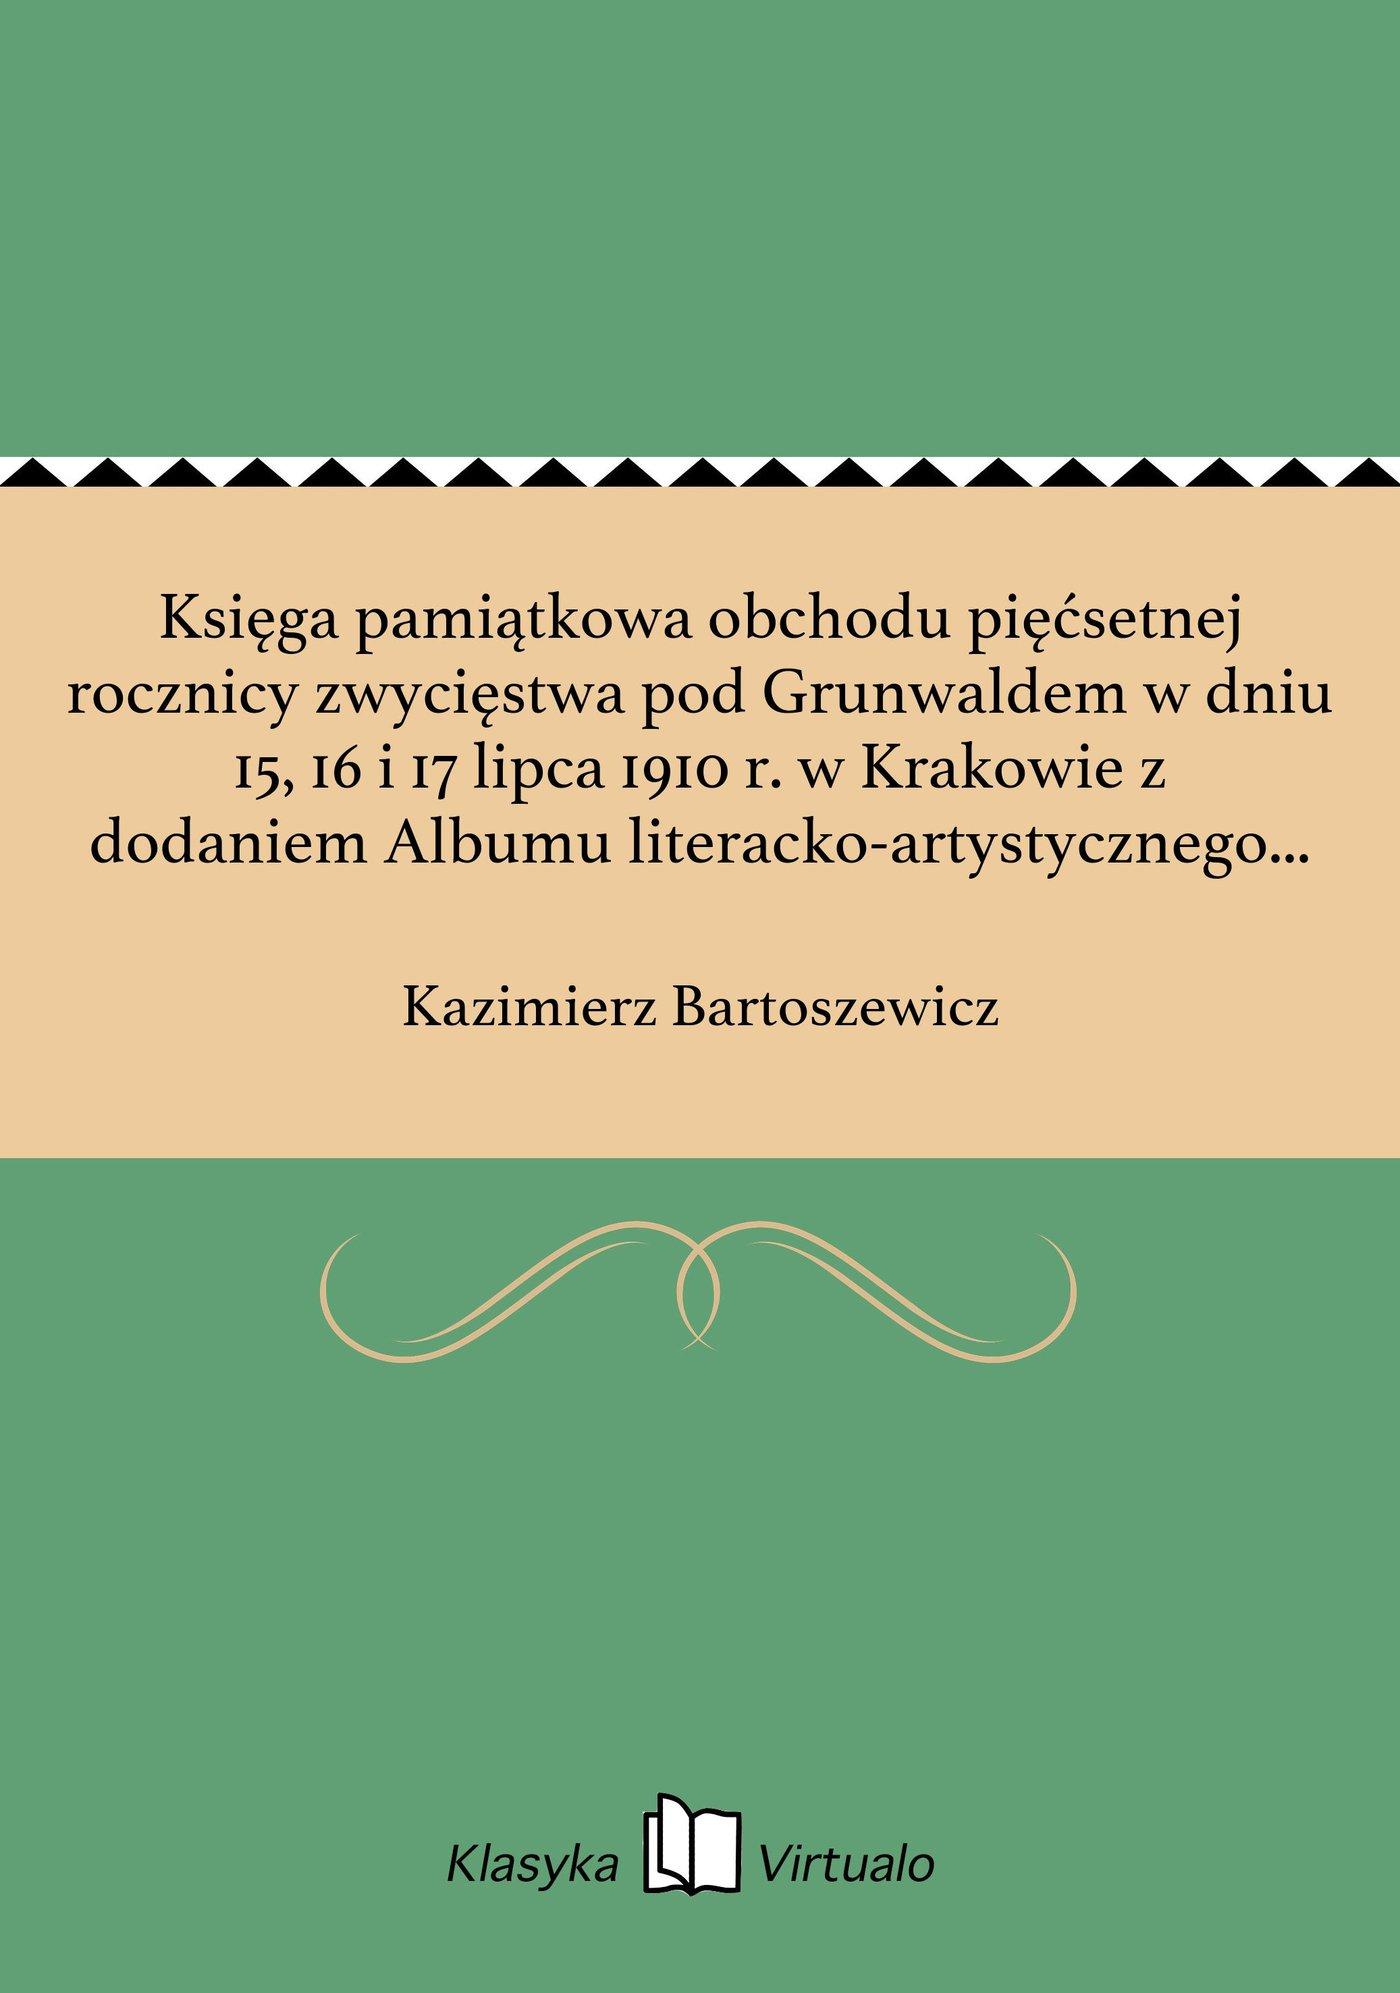 Księga pamiątkowa obchodu pięćsetnej rocznicy zwycięstwa pod Grunwaldem w dniu 15, 16 i 17 lipca 1910 r. w Krakowie z dodaniem Albumu literacko-artystycznego poświęconego wielkiej rocznicy dziejowej - Ebook (Książka EPUB) do pobrania w formacie EPUB